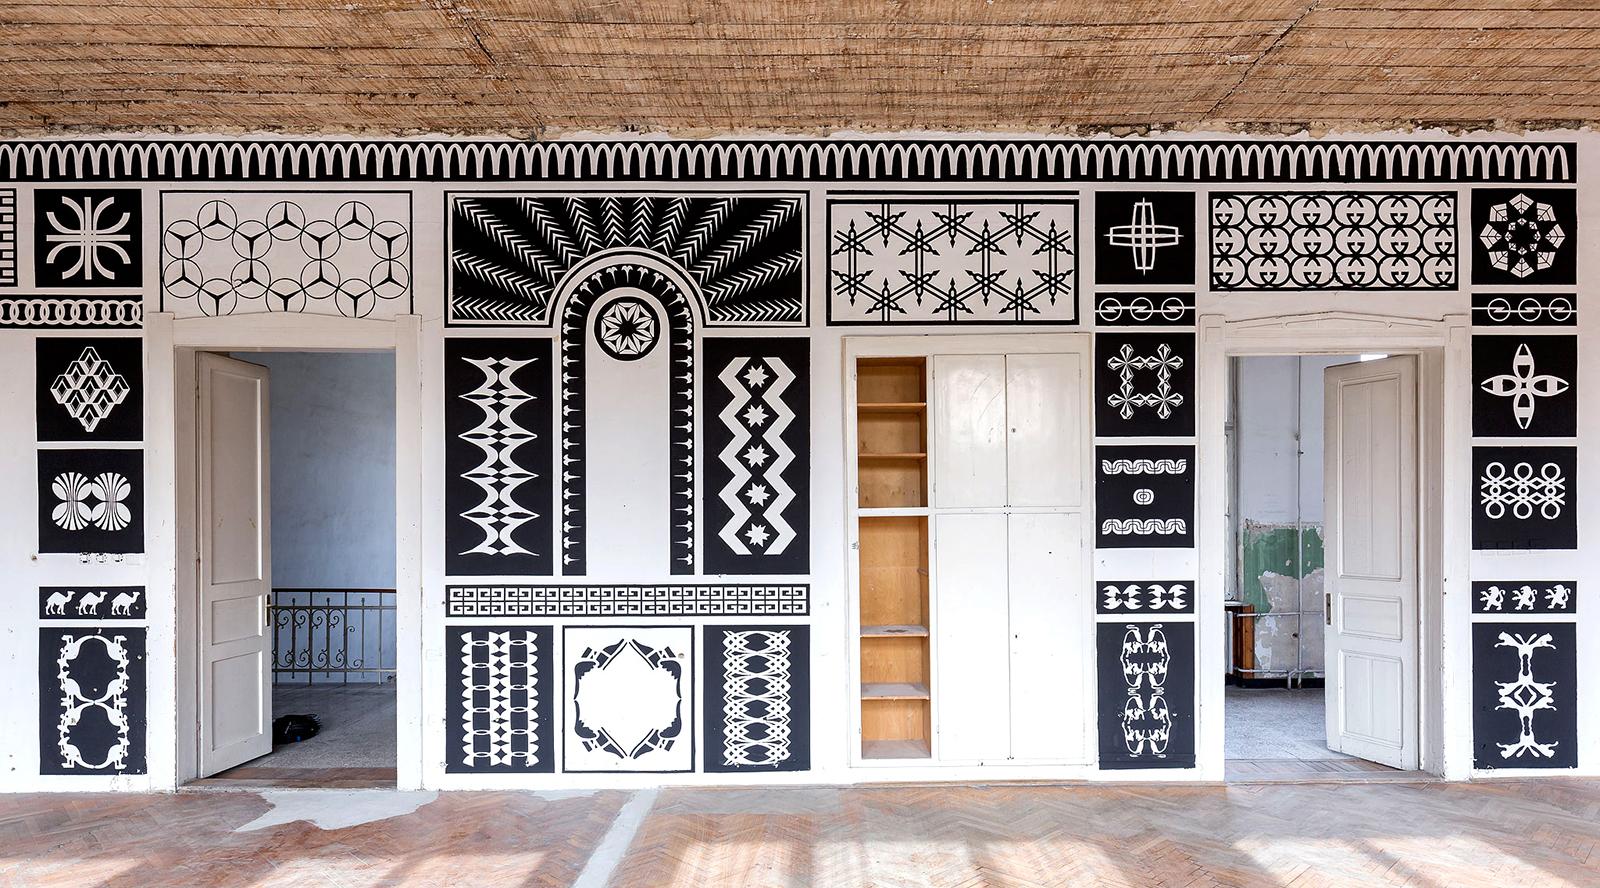 11 walls dekorfestmények - neopaint works